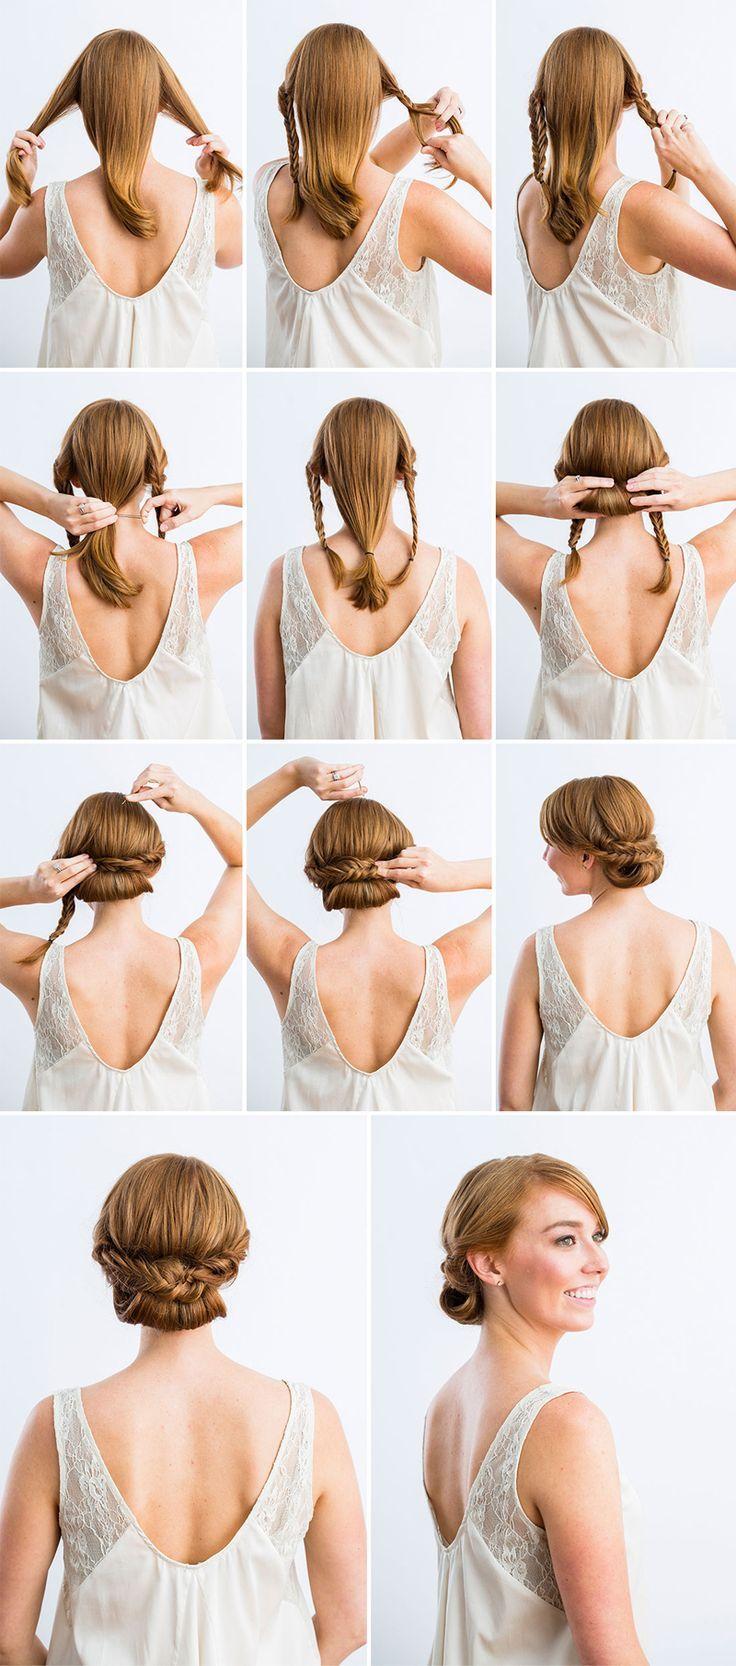 Epingle Par Suzon Sur Makeup Coiffure Facile A Faire Coiffure Facile Modele De Chignon